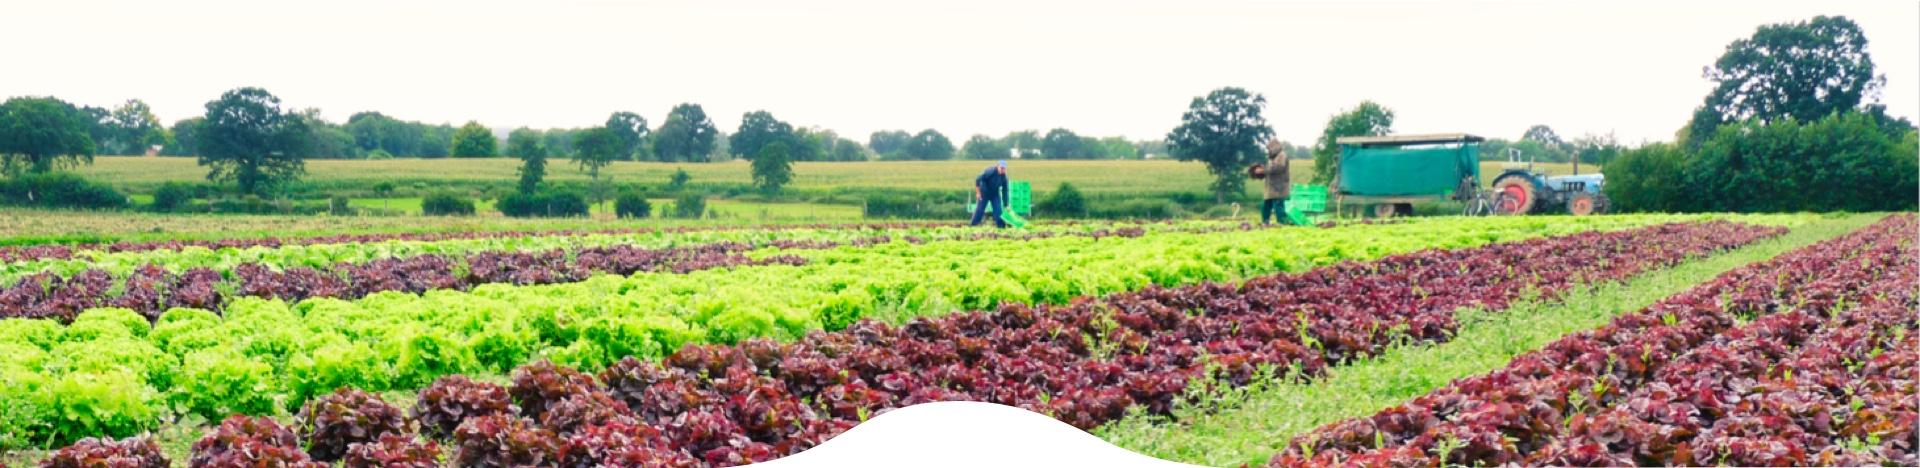 Landwirte bei der Arbeit auf dem Feld